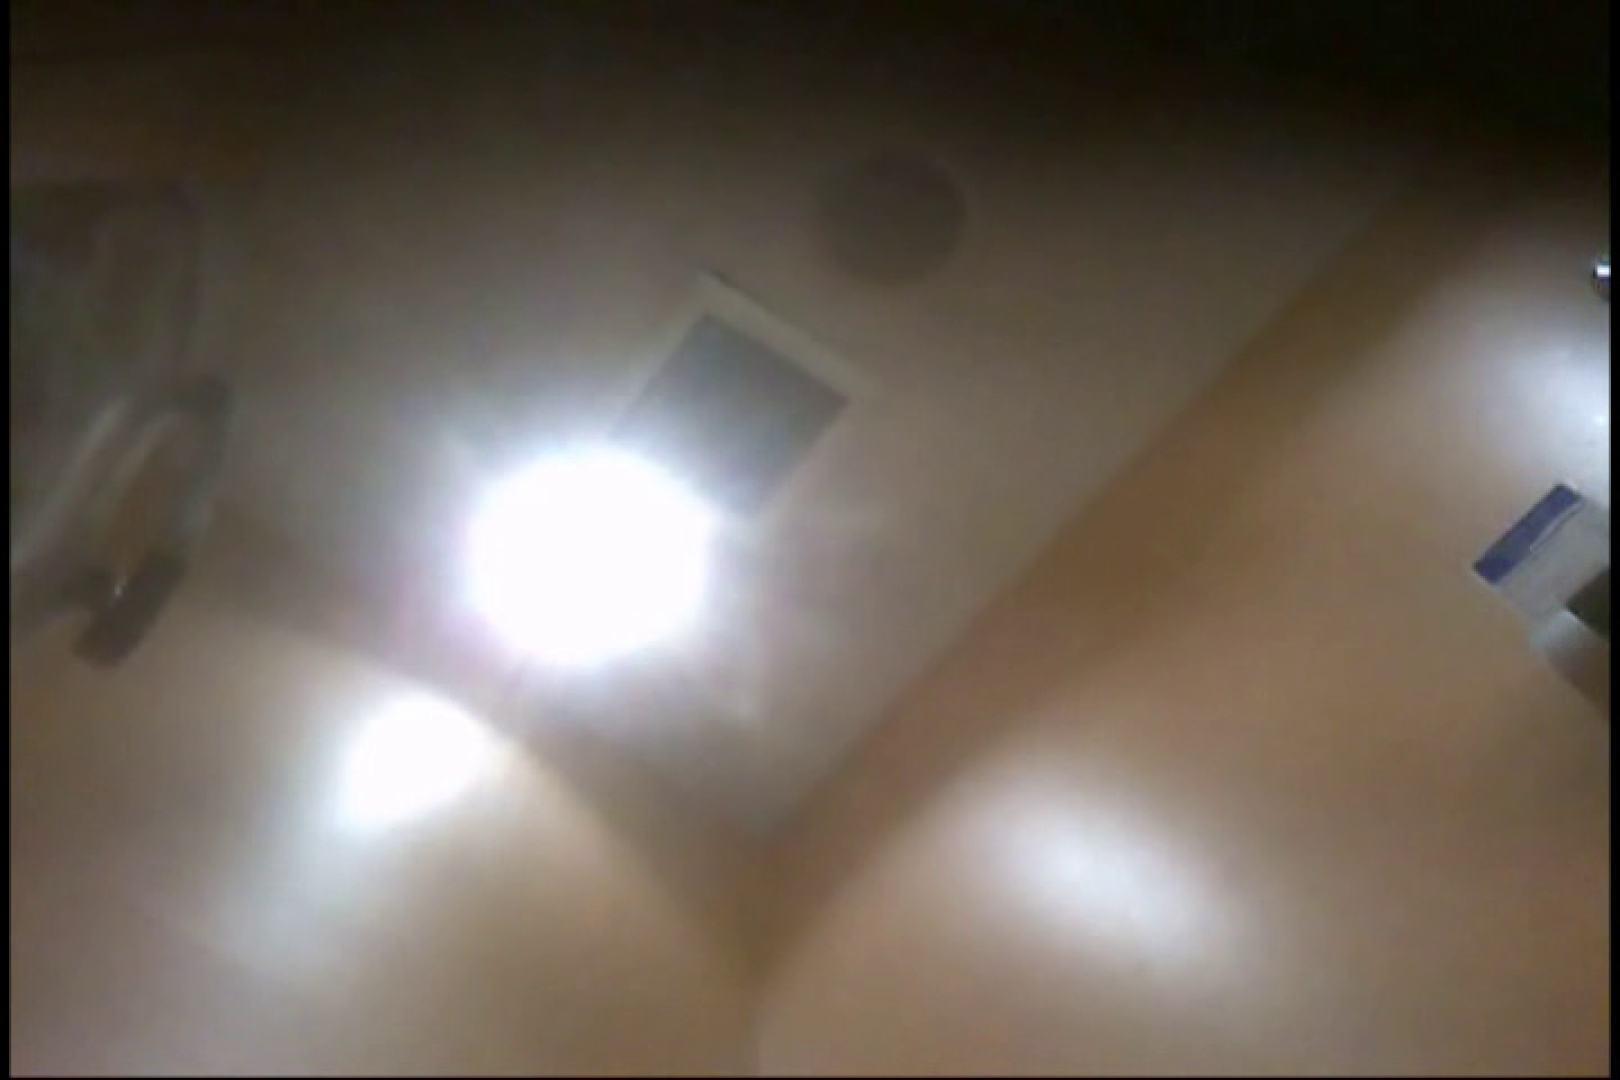 画質向上!新亀さん厠 vol.51 厠の中で 盗み撮り動画 9枚 4